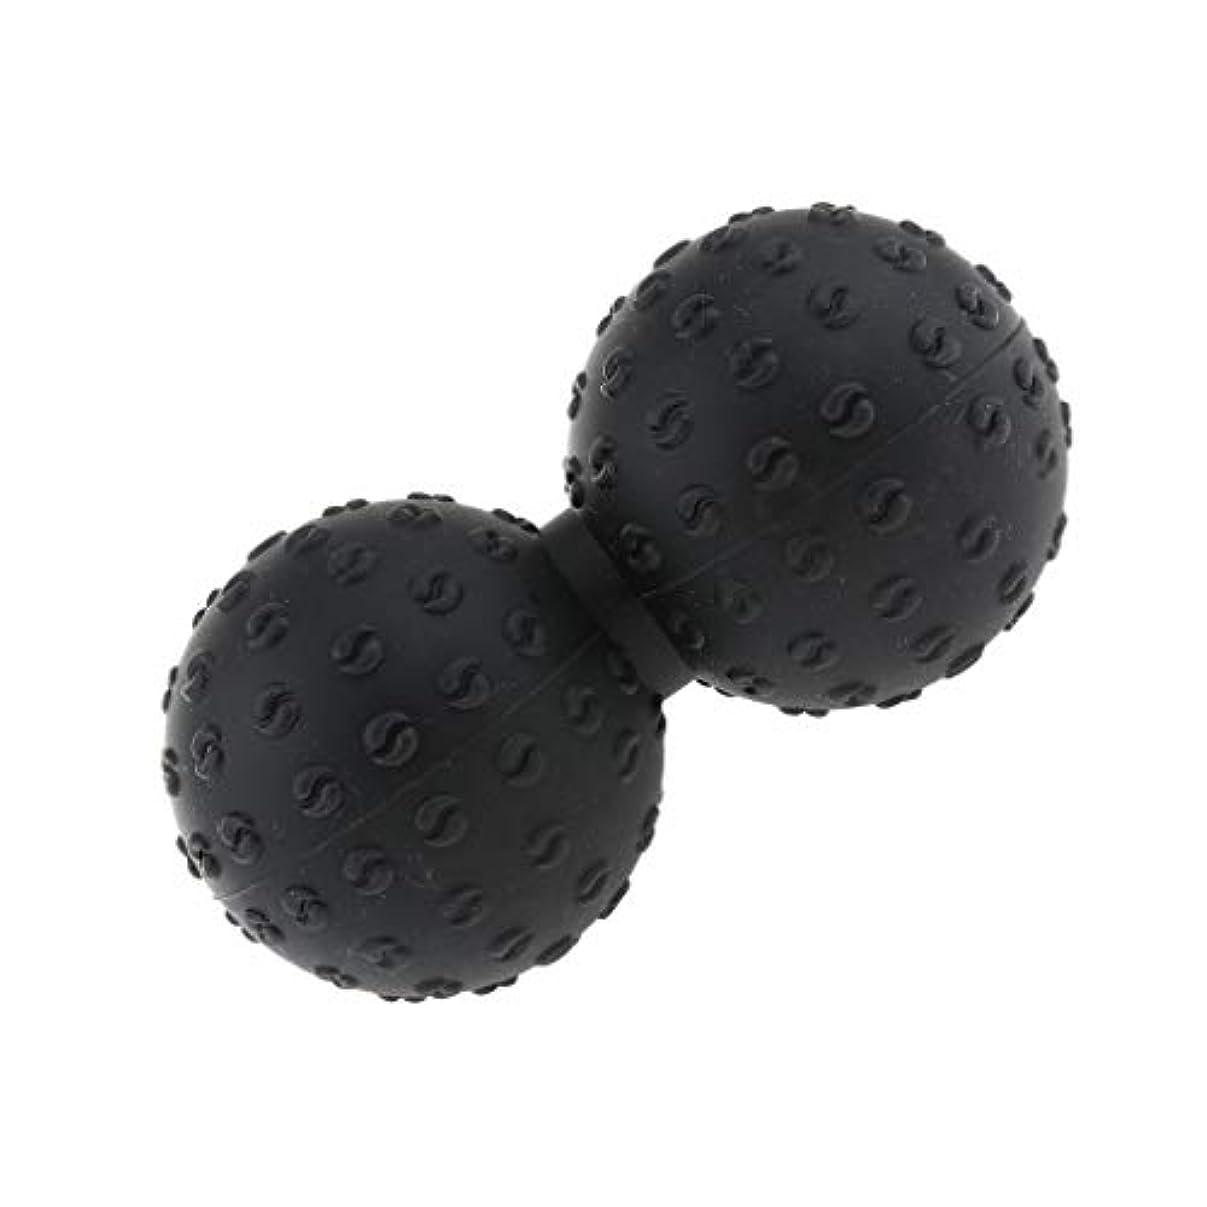 キッチン忘れっぽい冷酷なCUTICATE マッサージボール 指圧ボール シリコン ピーナッツ トリガーポイント 肩、足、腕など 解消 全6色 - ブラック, 説明のとおり